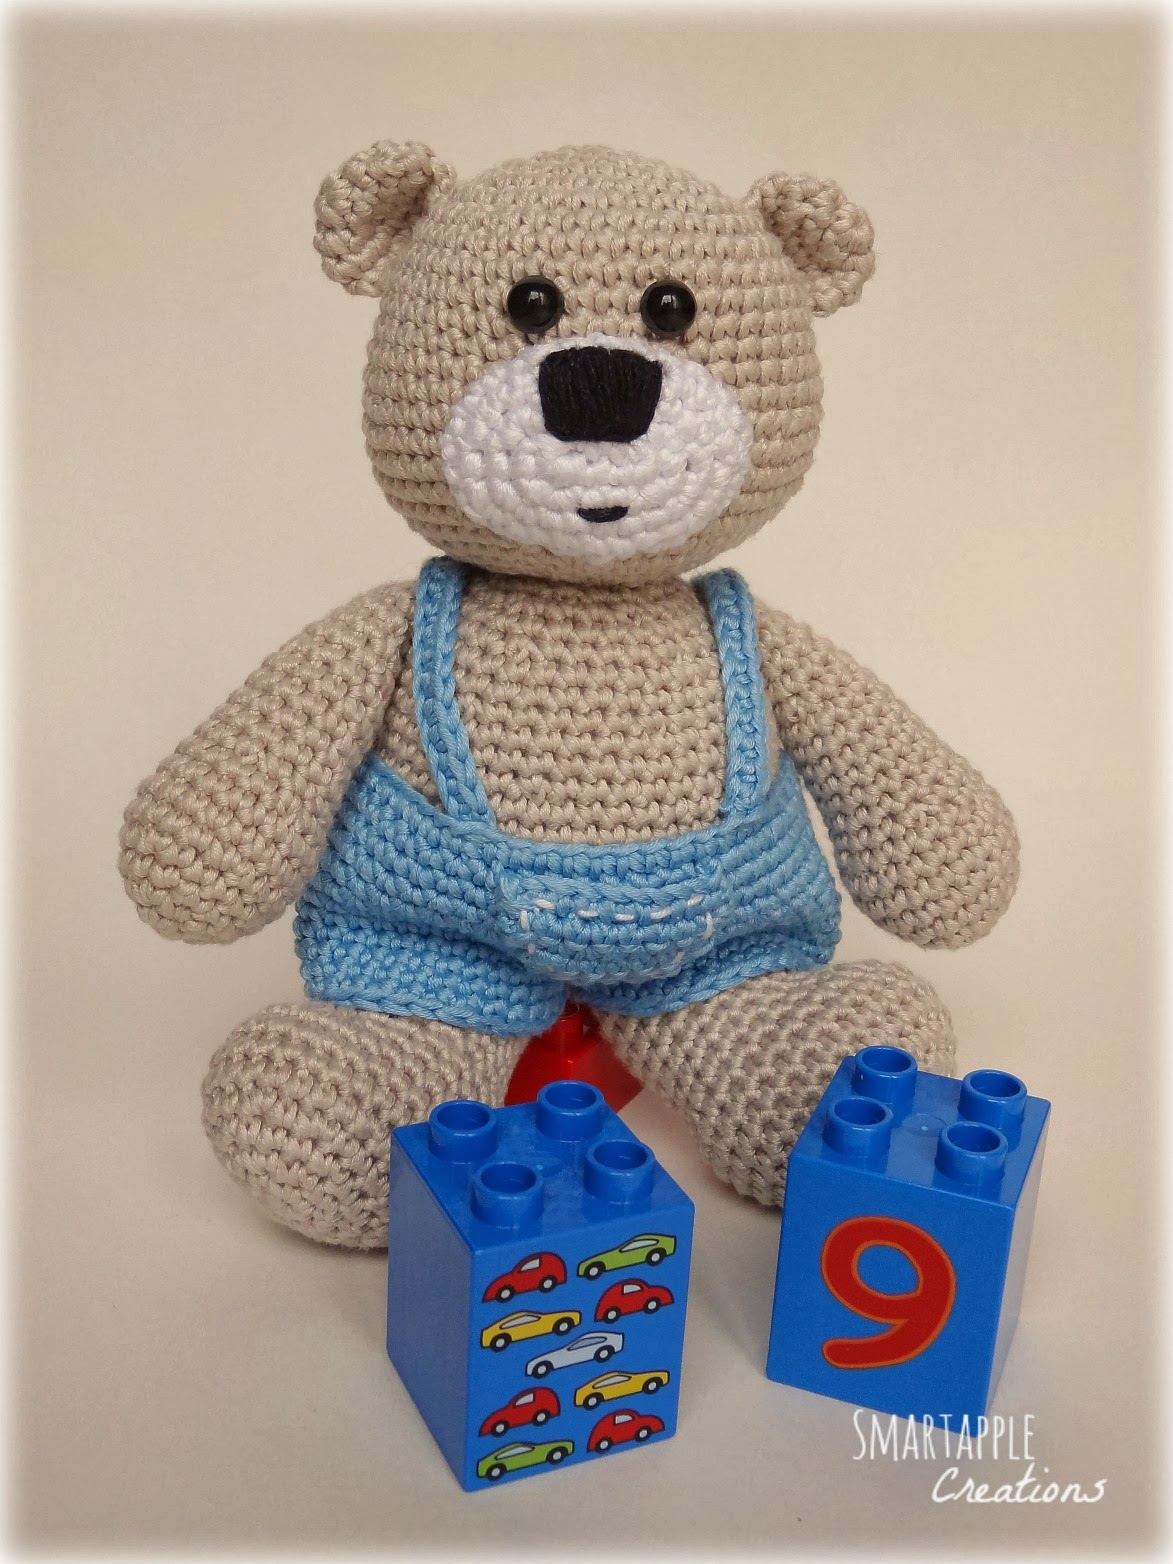 Amigurumi Baby Bear : Smartapple Creations - amigurumi and crochet: Amigurumi ...